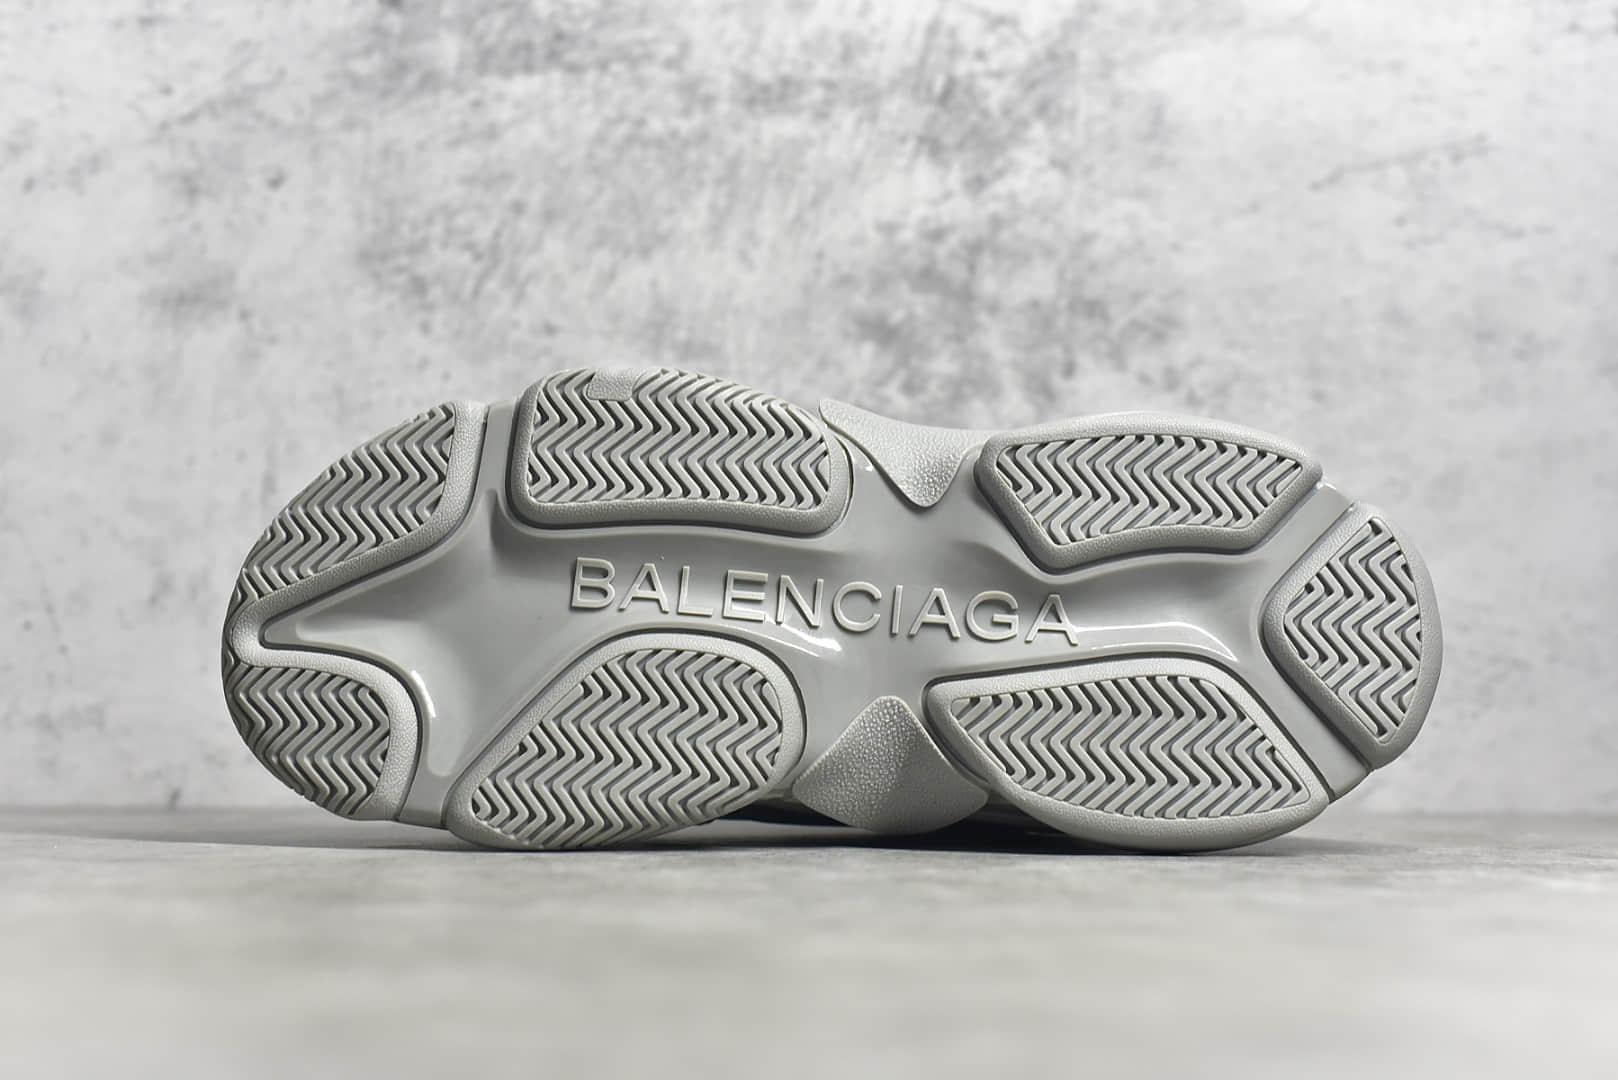 巴黎世家复古灰色老爹鞋 莆田意产版本巴黎世家工厂 巴黎世家代工厂 巴黎世家代购版本-潮流者之家